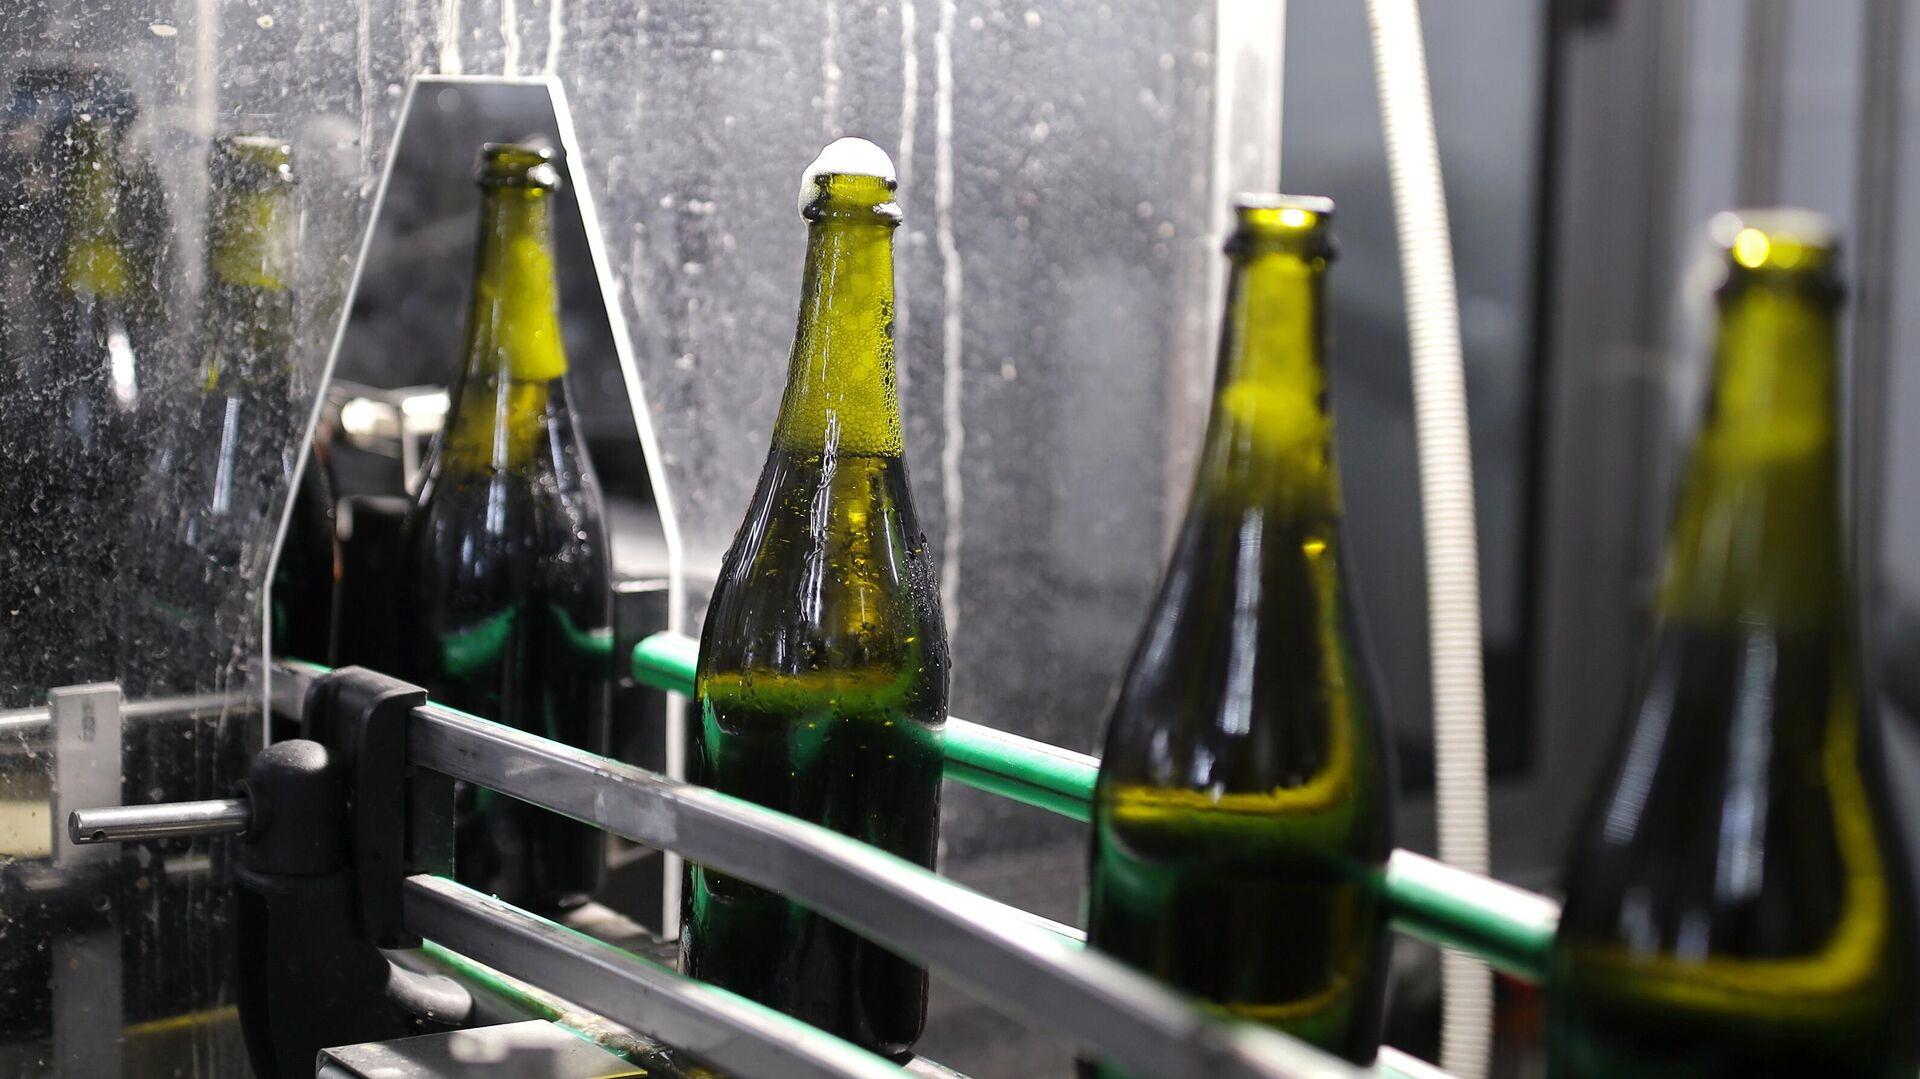 Botellas de espumante Abrau-Durso - Sputnik Mundo, 1920, 20.06.2021